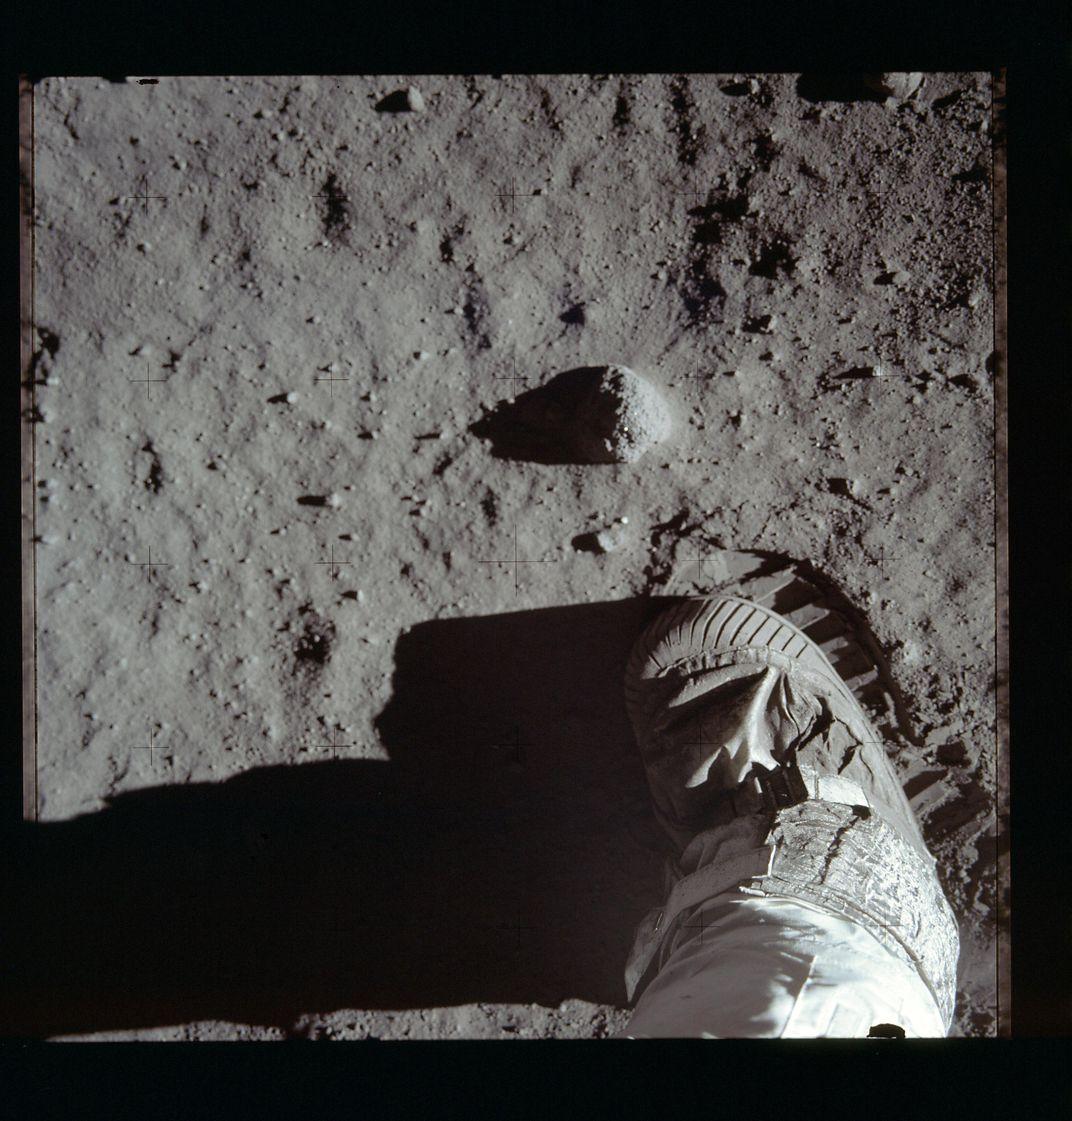 Astronot Buzz Aldrin'in Apollo 11 görevindeki Ay'da ayak izi